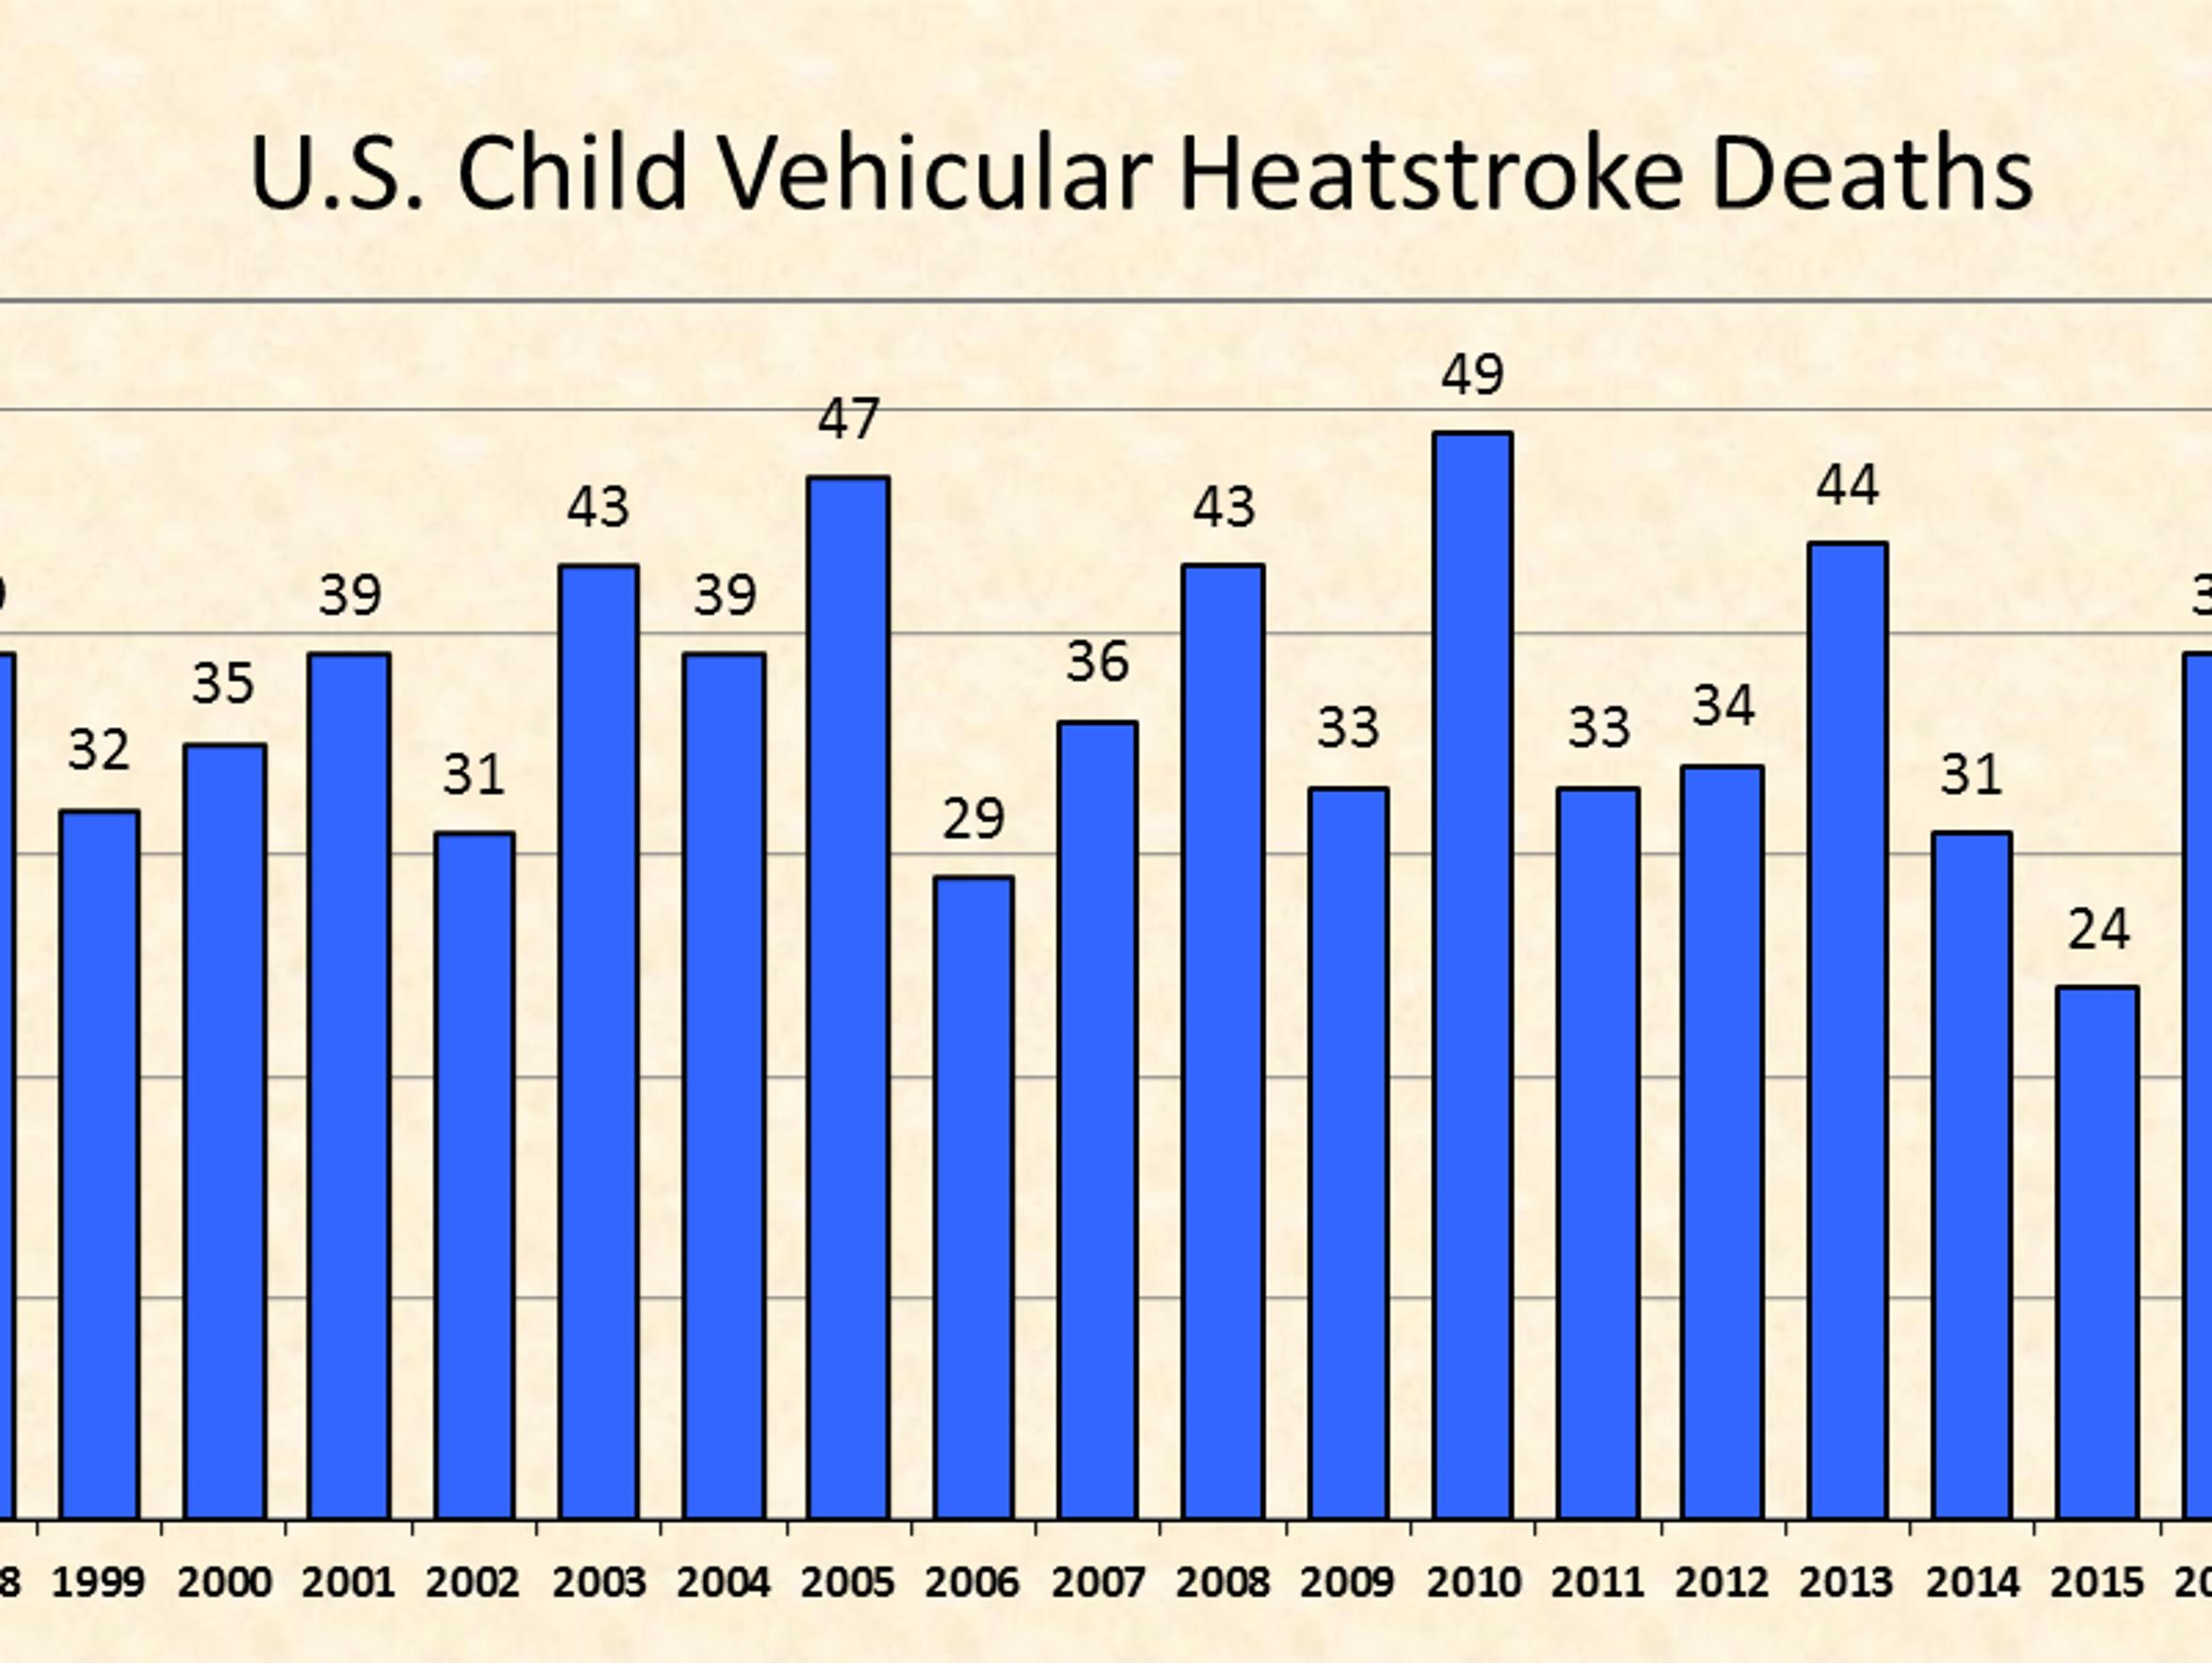 Hot car deaths by year.